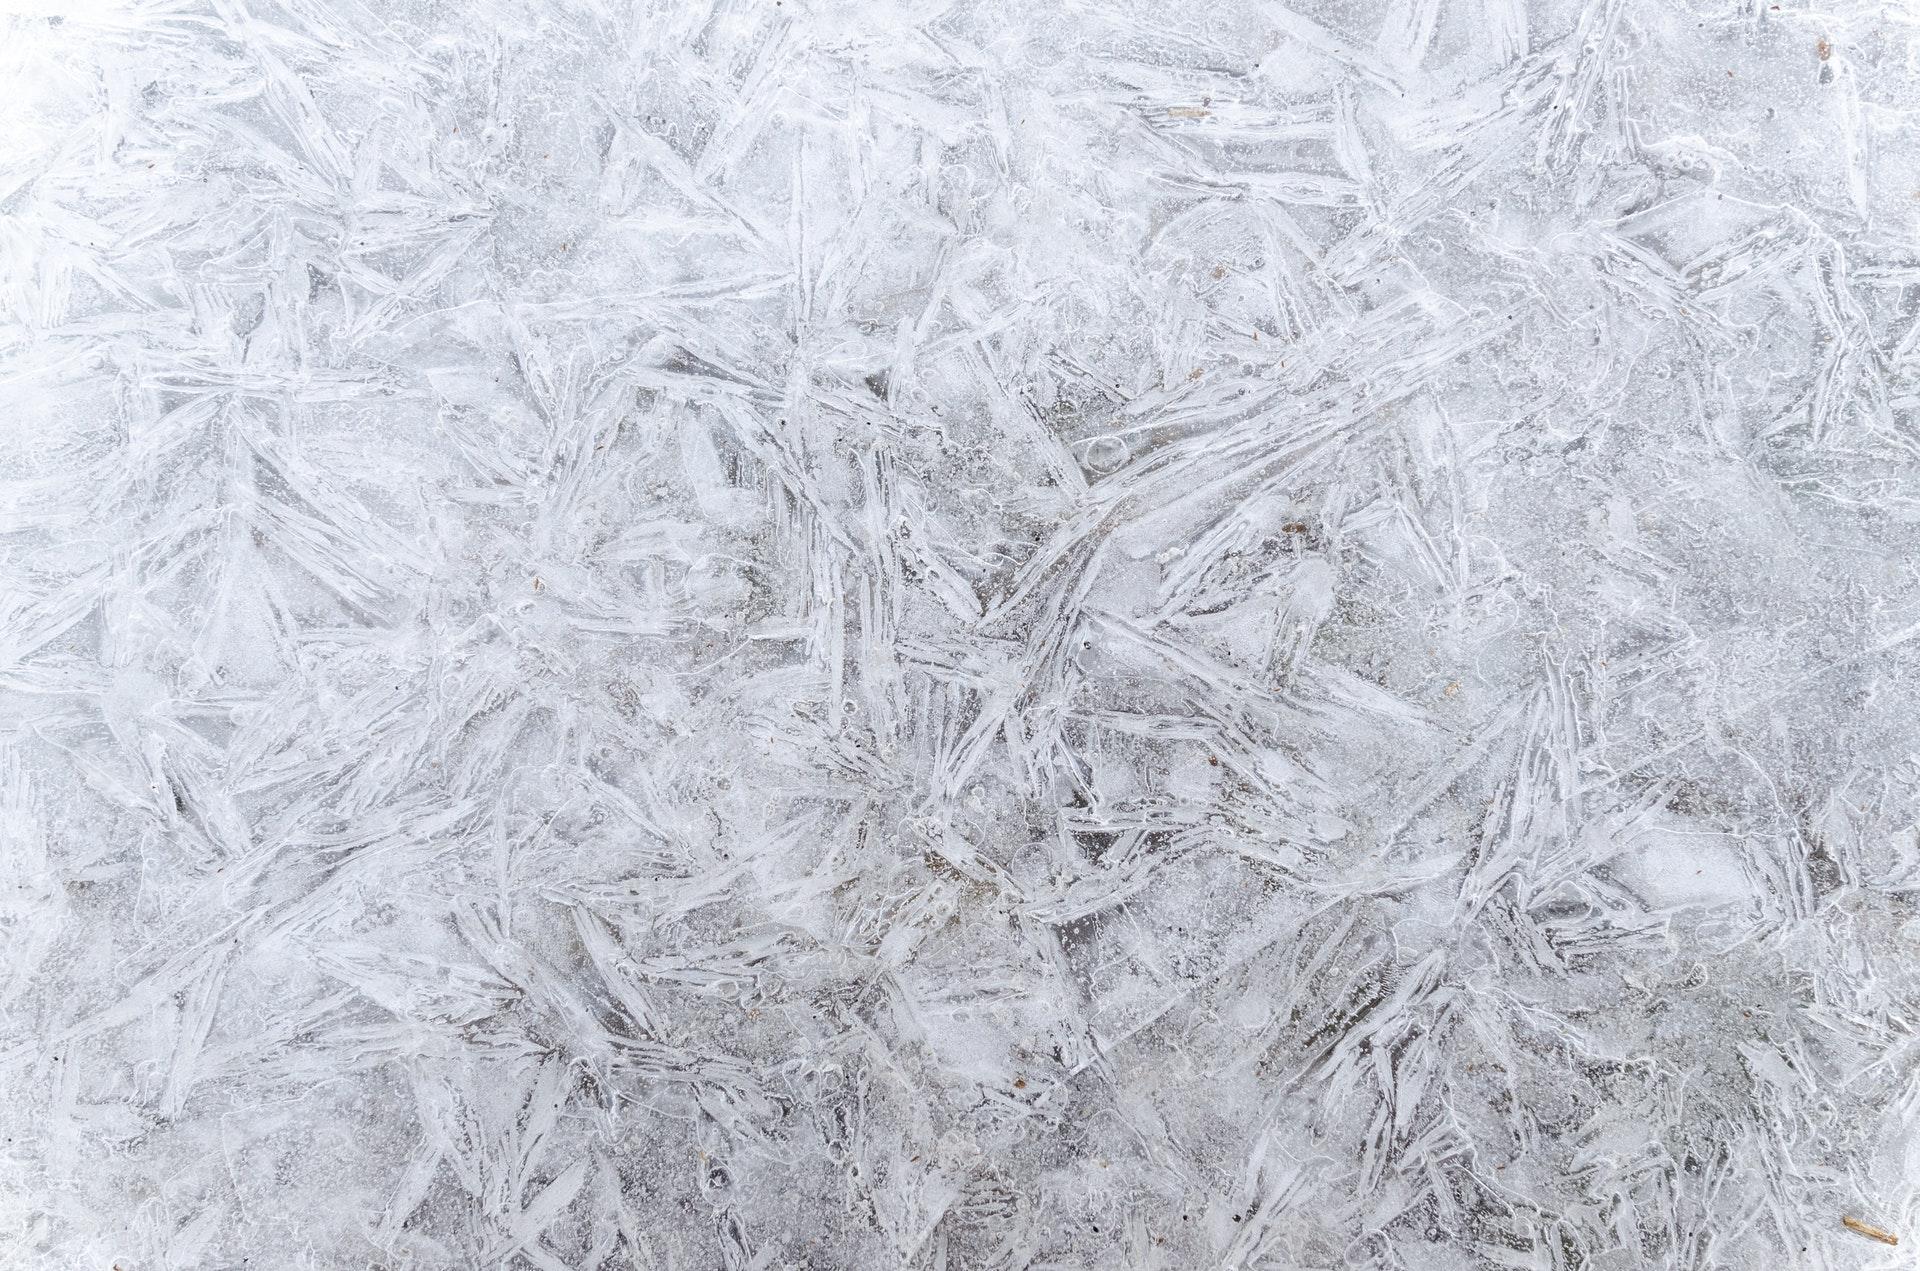 Vinter frost kulde sne december november januar